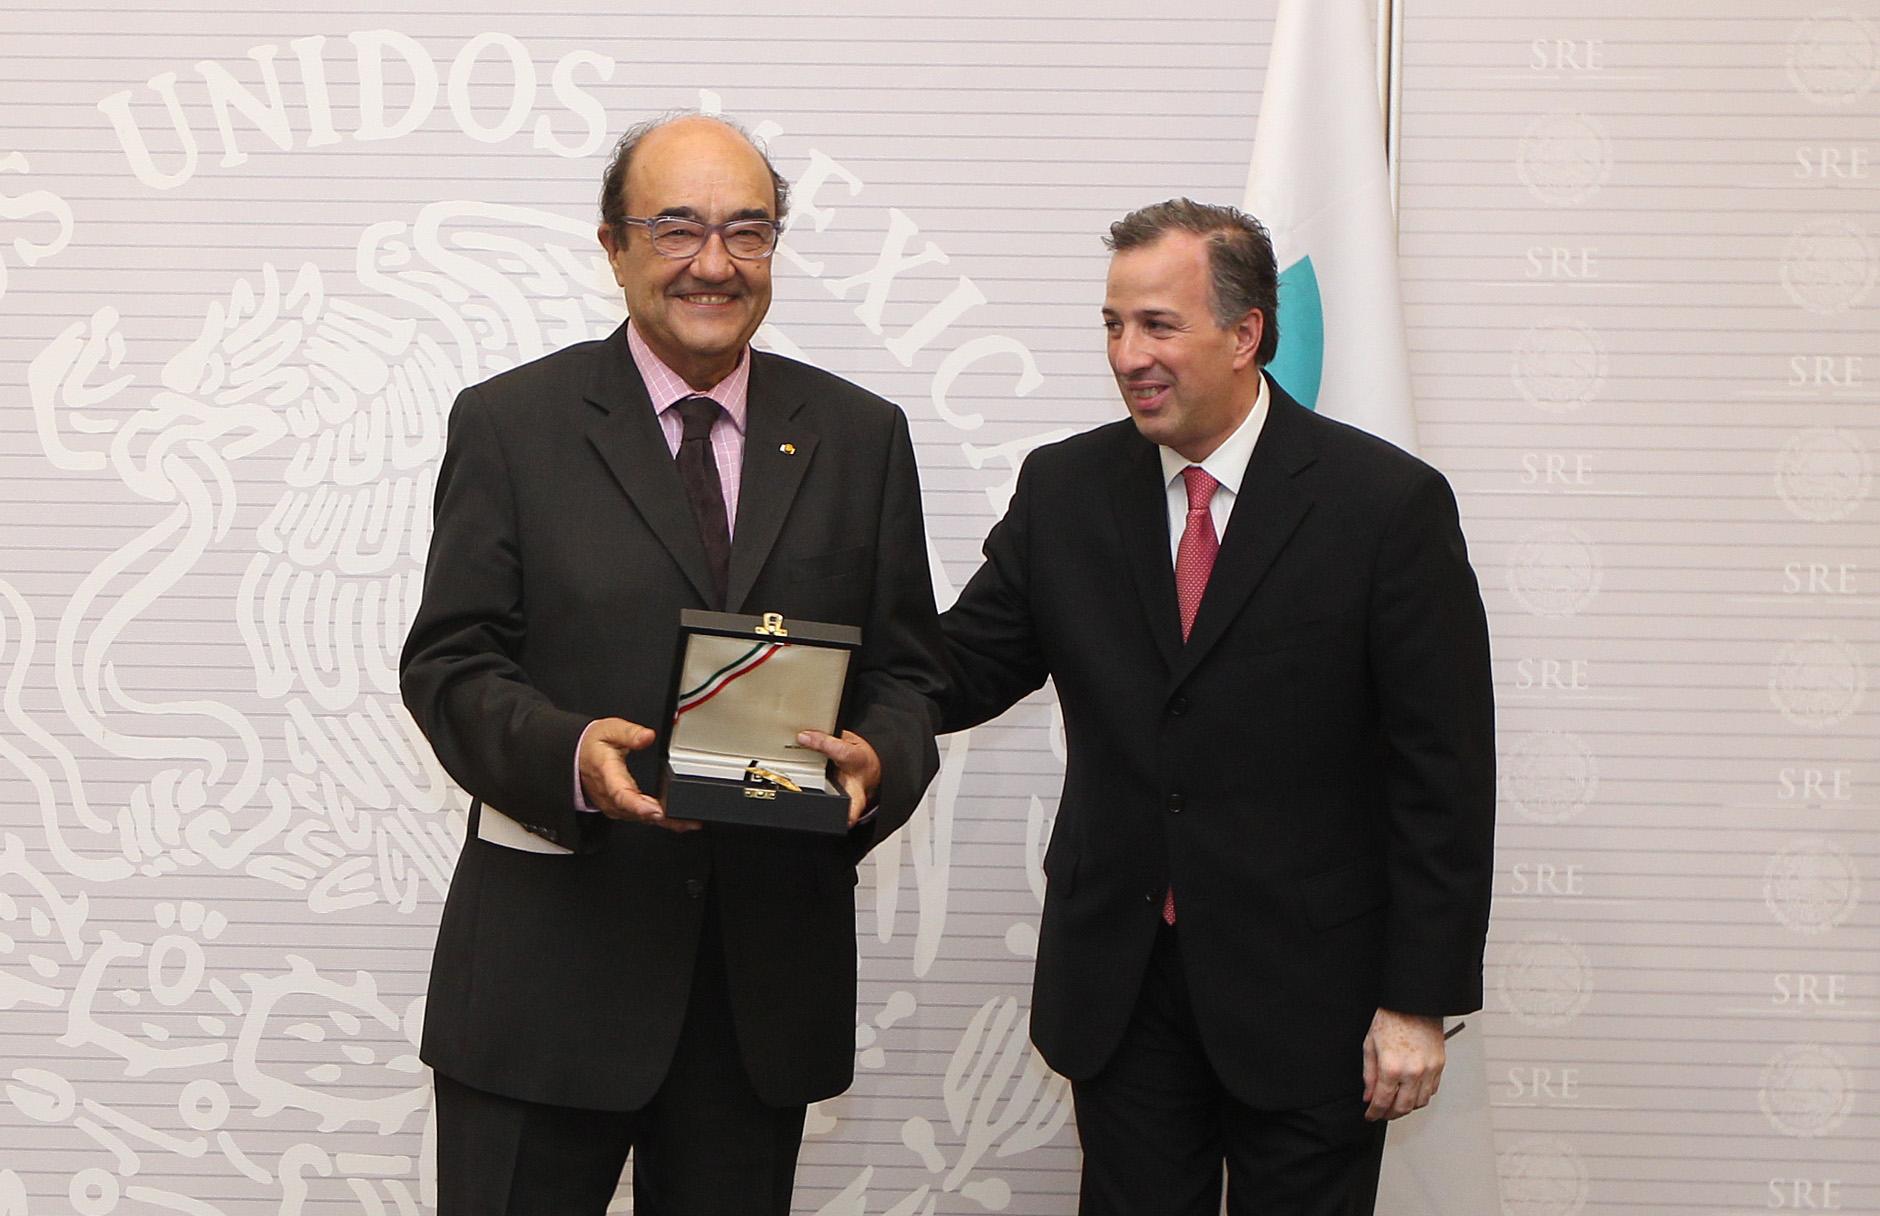 FOTO 2 Canciller Jos  Antonio Meade entrega a Manuel Gued n la Orden Mexicana del  guila Aztecajpg